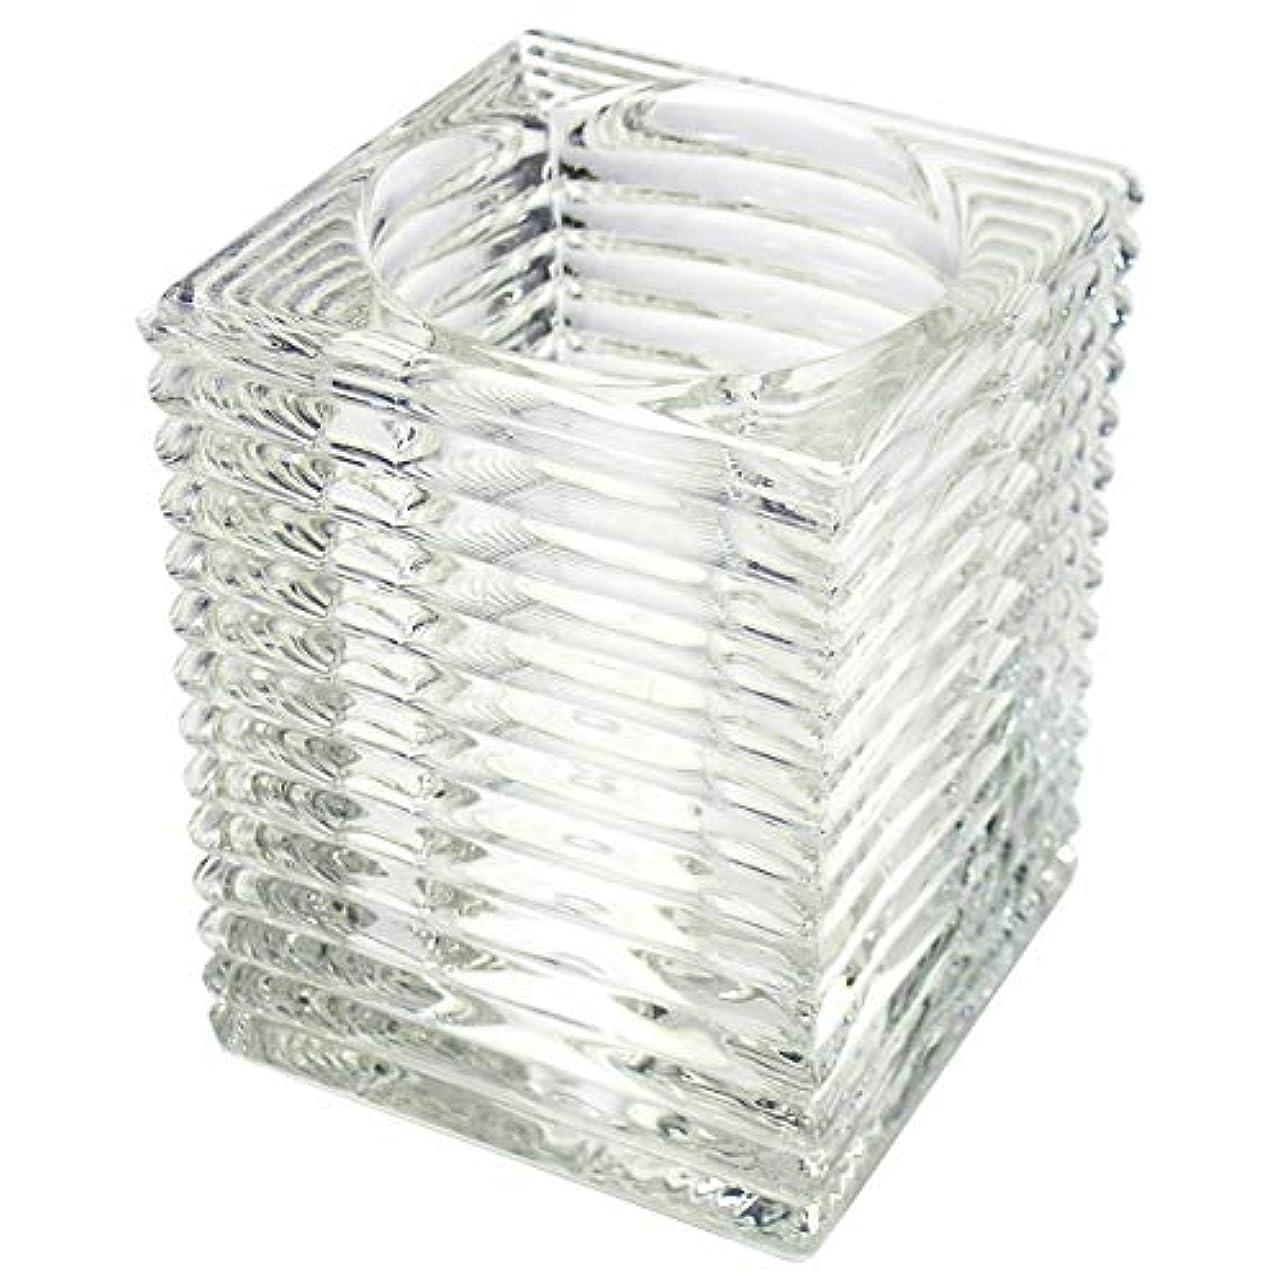 特異性ユーモラスステレオタイプキャンドルホルダー ガラス6 キャンドルスタンド ろうそく立て ティーライトキャンドル ティーキャンドル